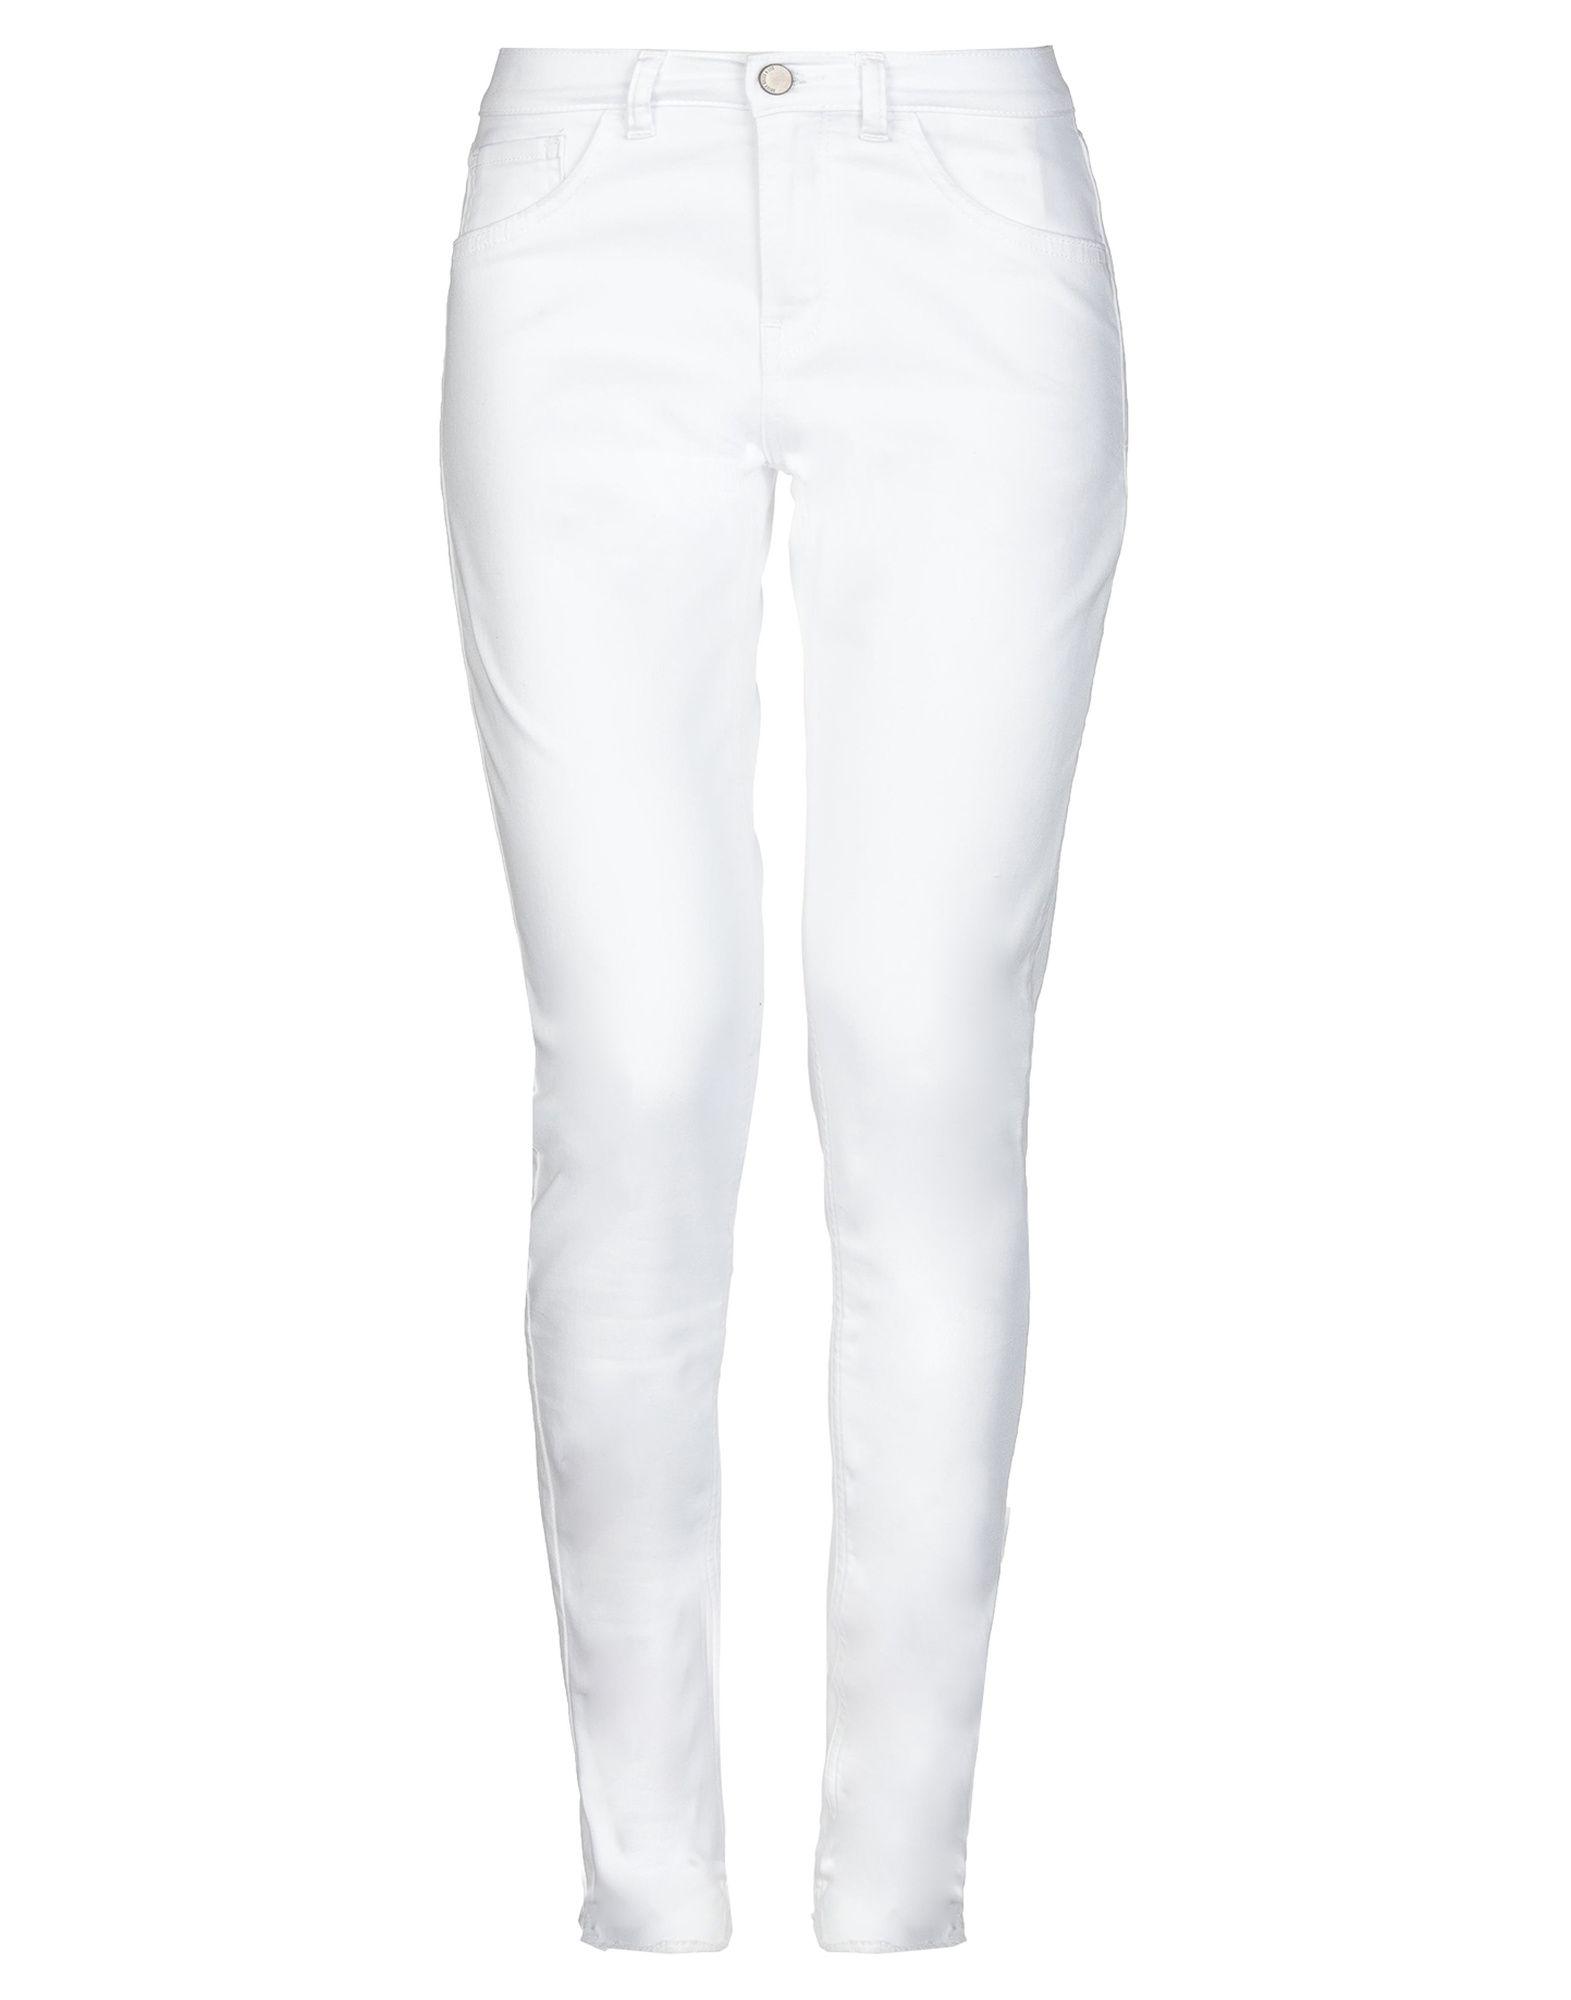 Pantaloni Jeans Brian Dales & Ltb donna - 42717703LL 42717703LL 42717703LL d97